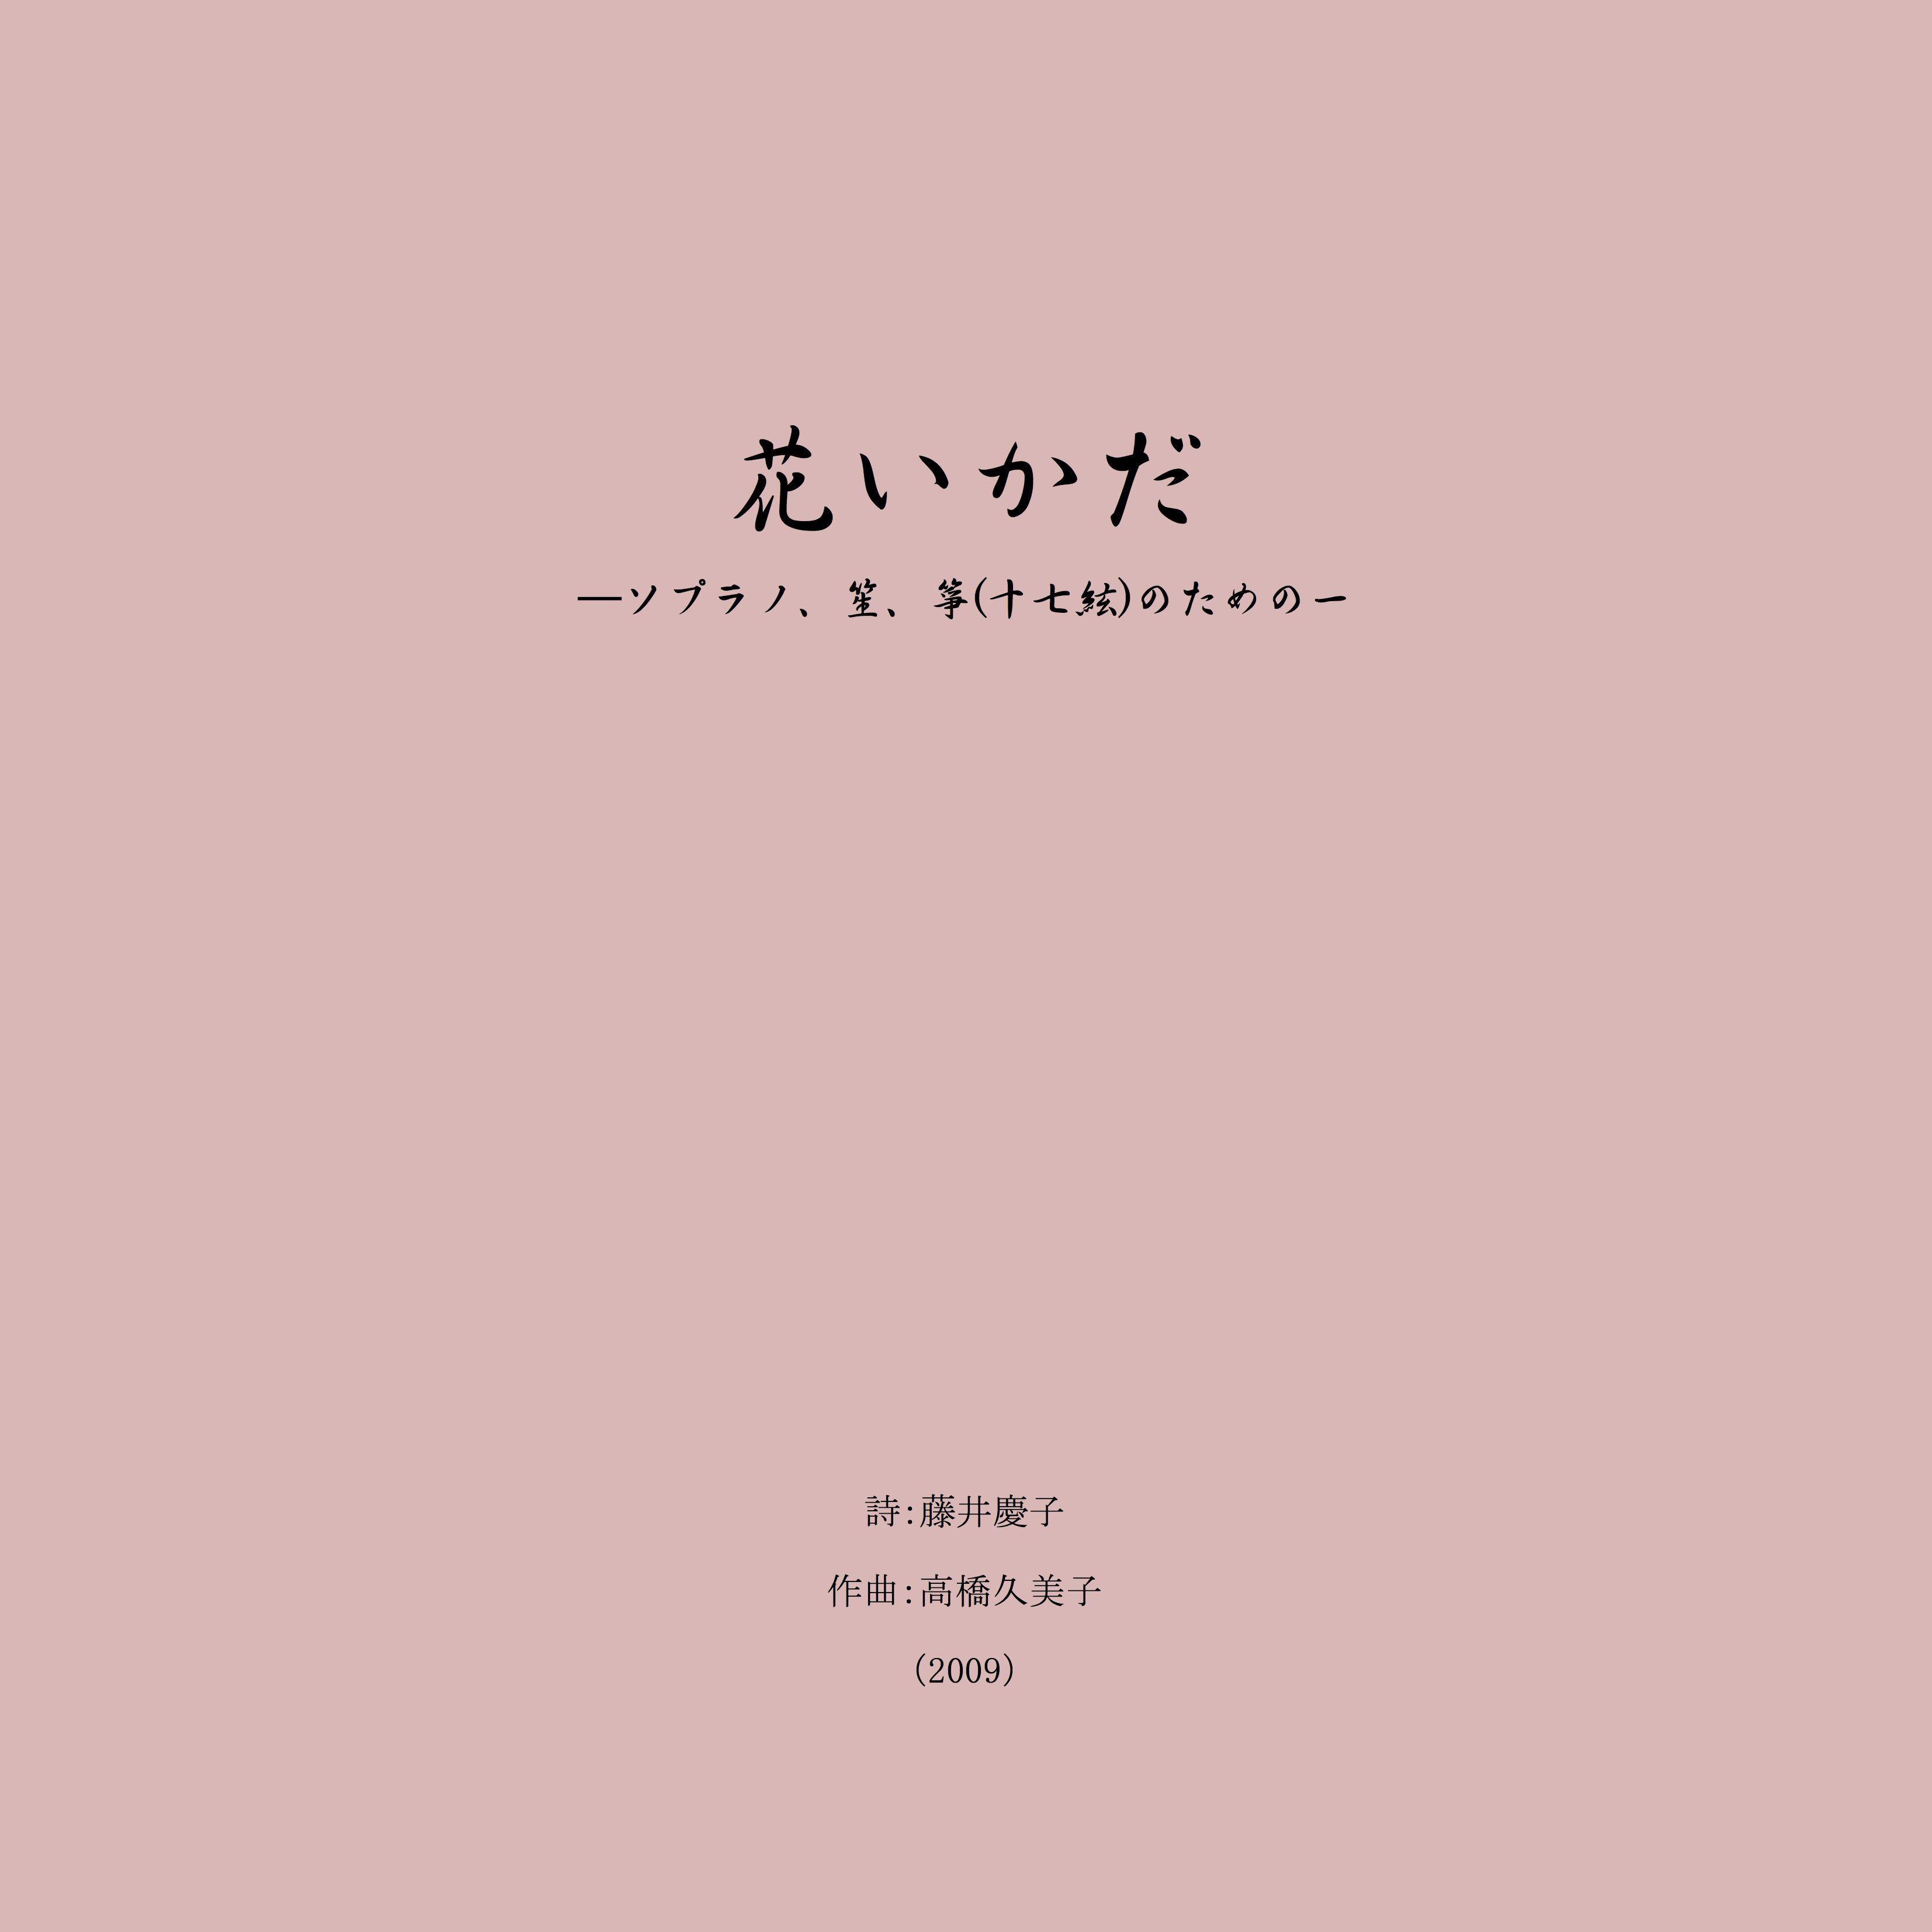 【楽譜】花いかだ─ソプラノ、笙、箏(十七絃)のための(五線譜)A4判